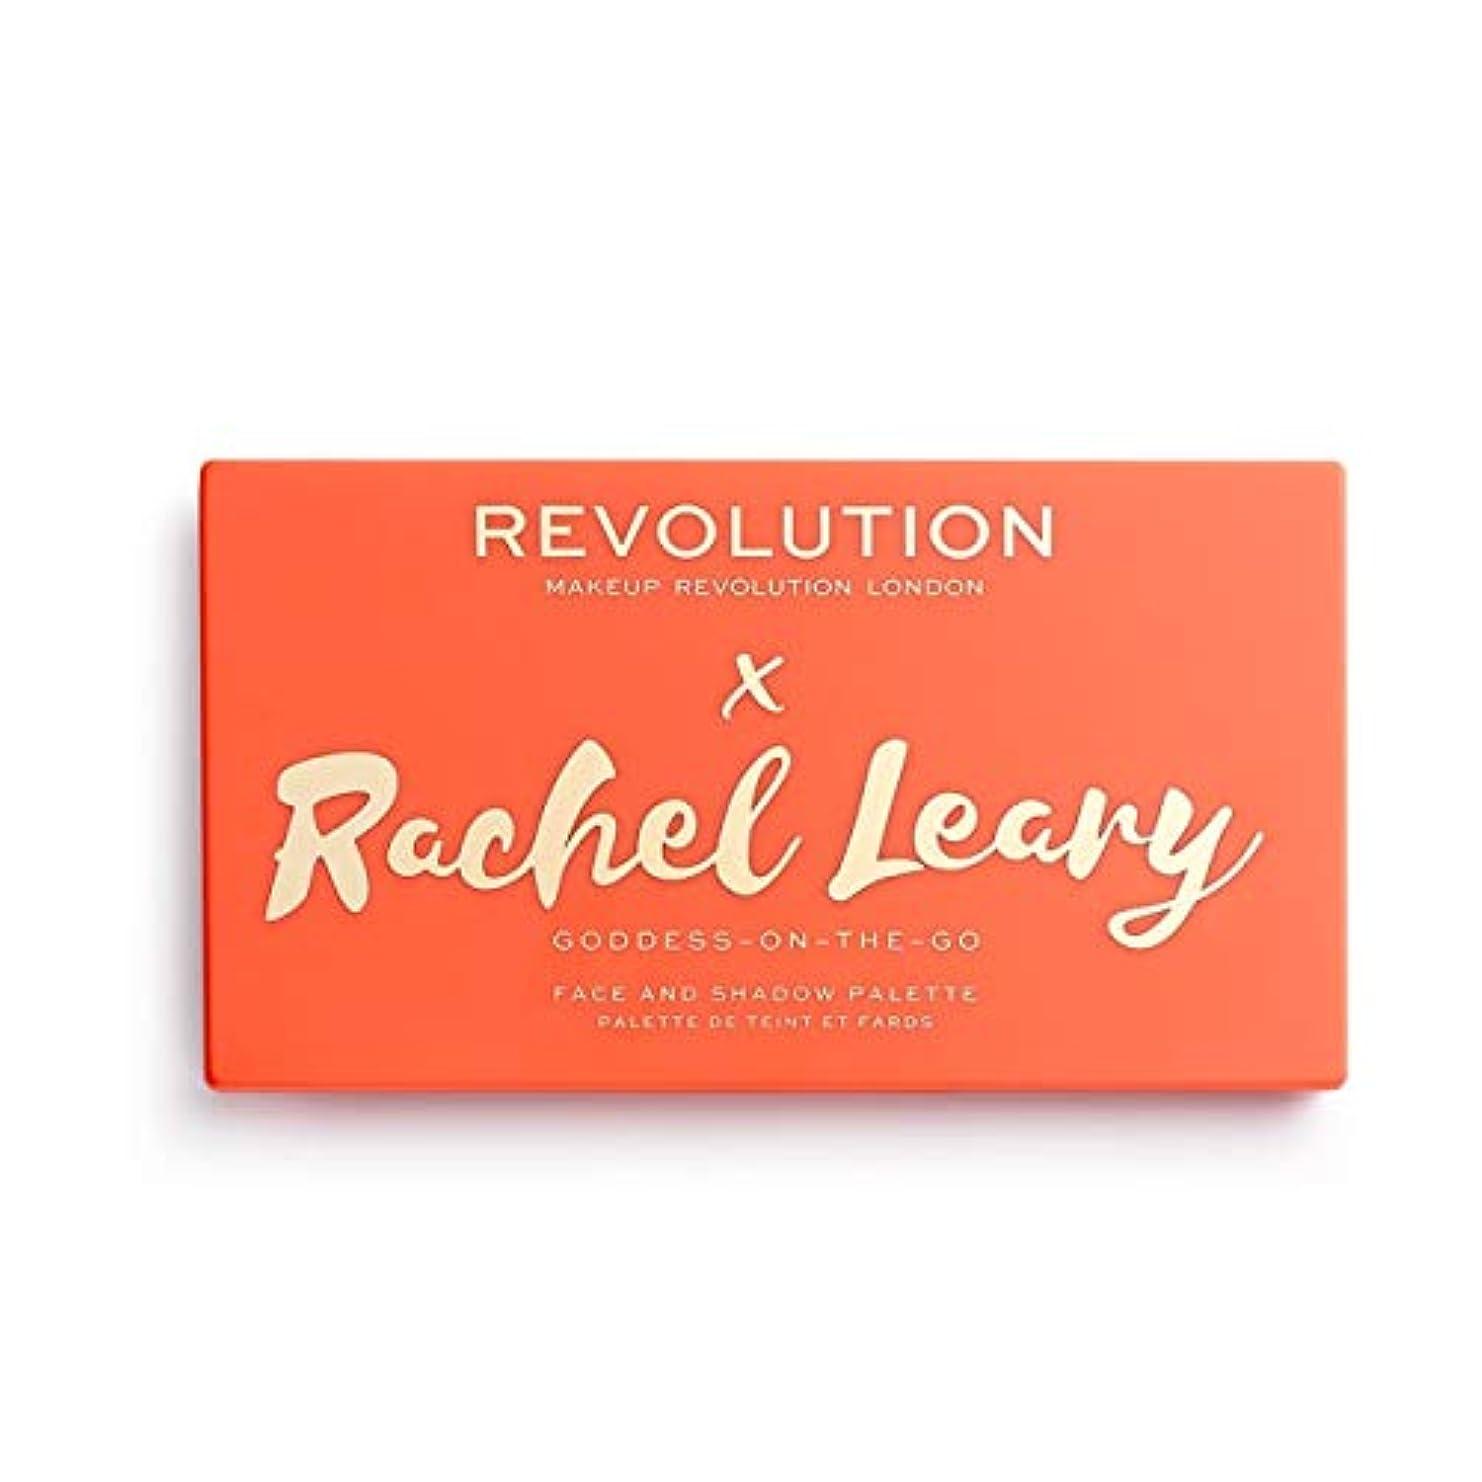 優越阻害するグラムメイクアップレボリューション ORIGINAL Revolution x Rachel Leary Goddess On The Go Palette 13色アイシャドウパレット REVOLUTION